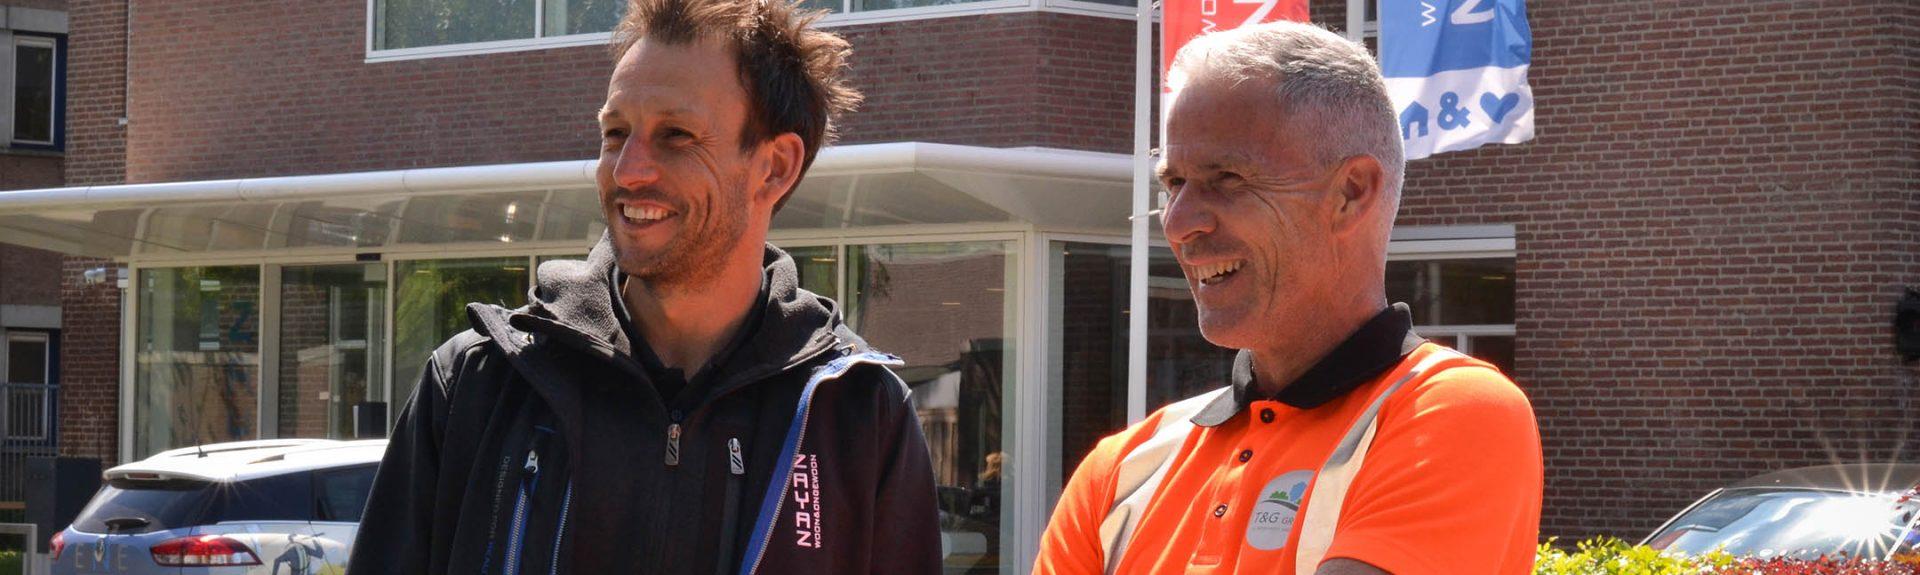 Stephan de Laat van Zayaz en Raymond van den Heuvel van T&G 2